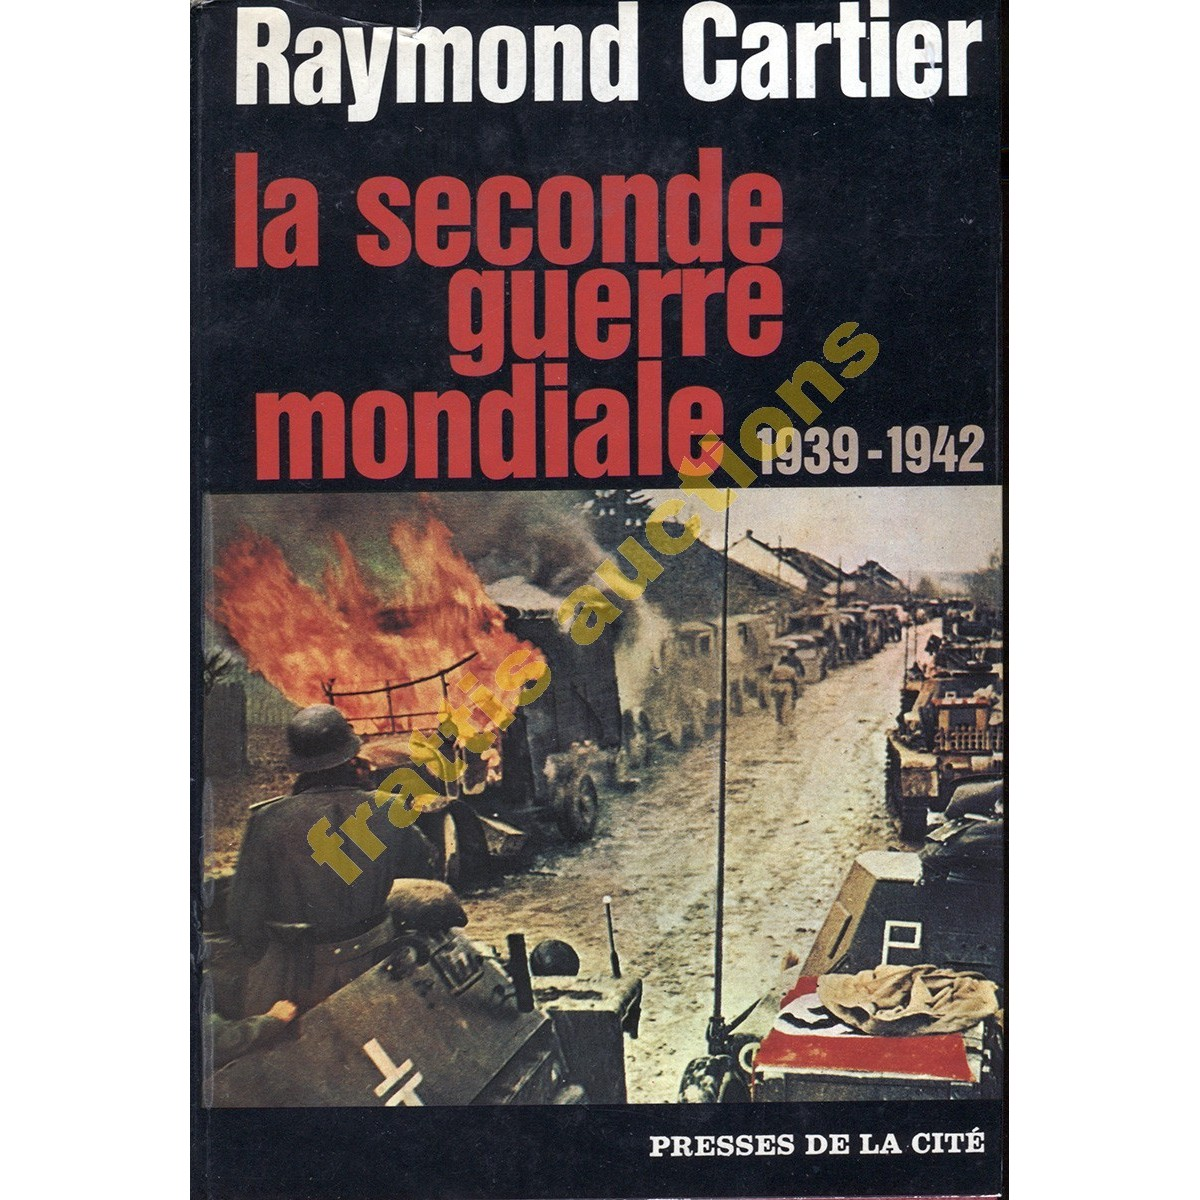 CARTIER RAYMOND